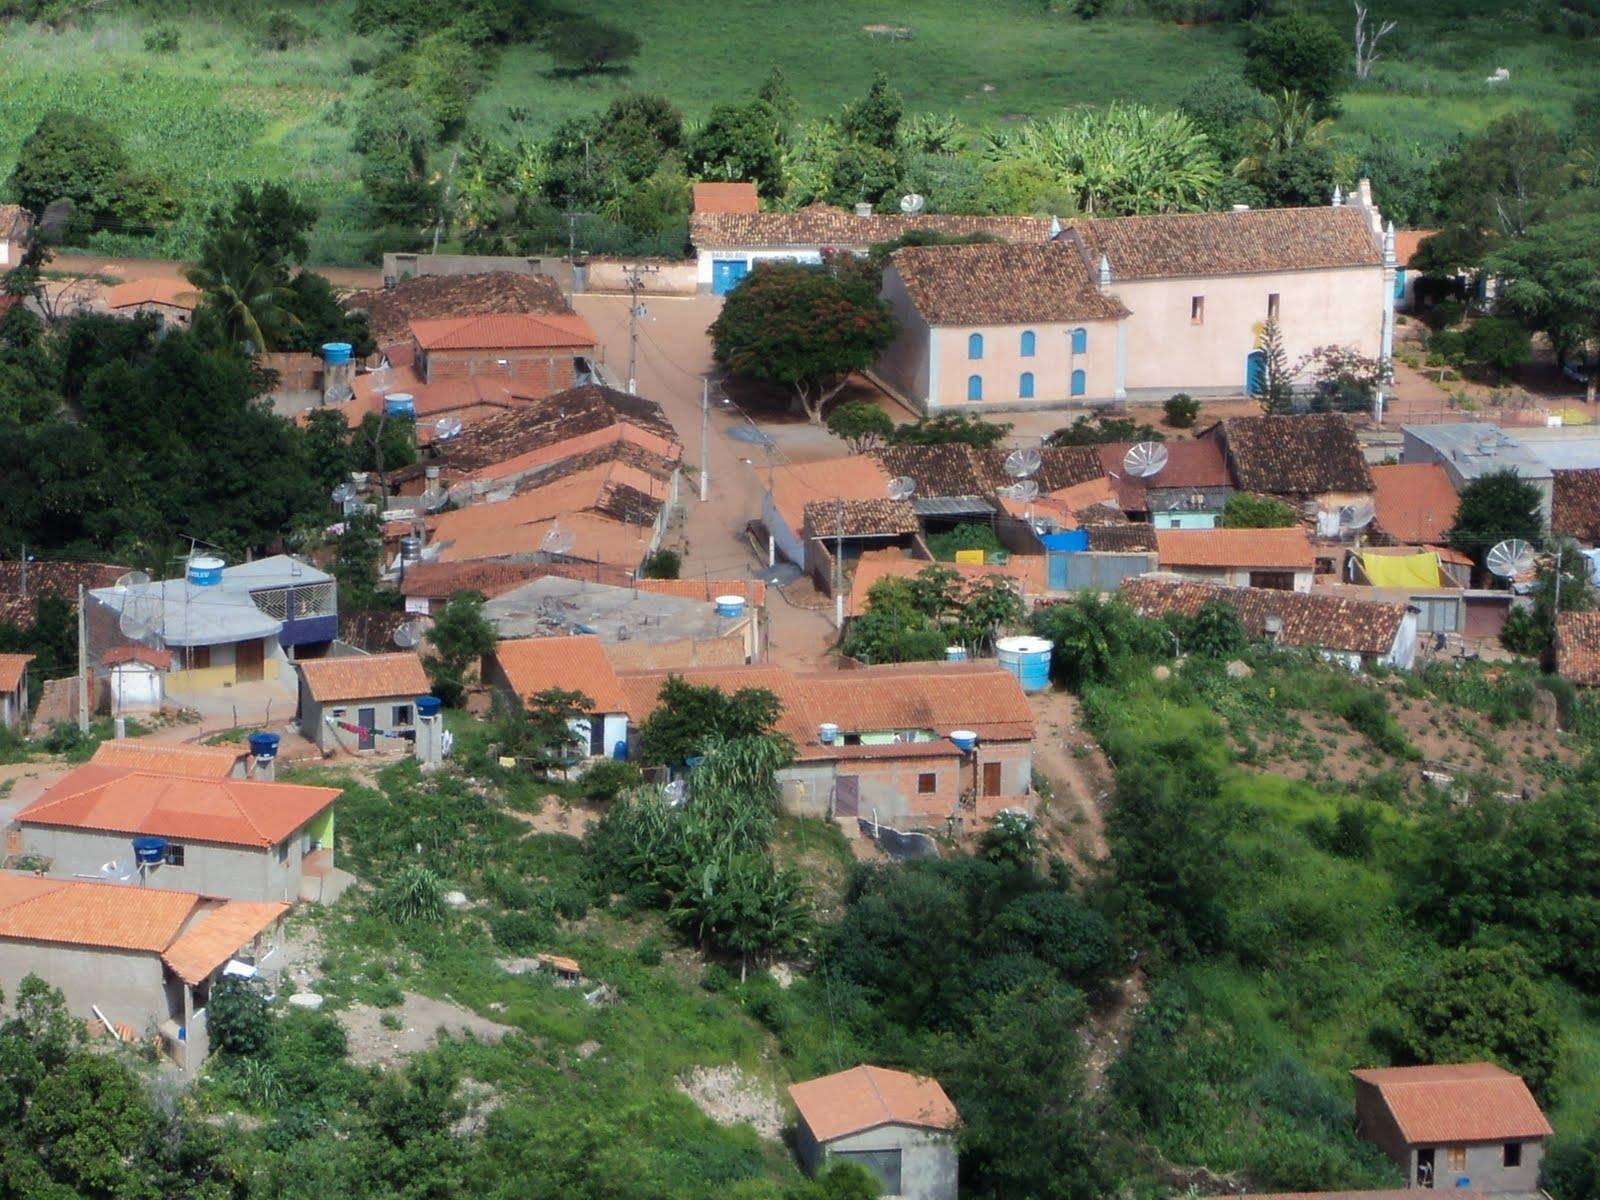 Dorp-met-ca-1100-inwoners.-aldeia-com-cerca-de-1100-habitantes-